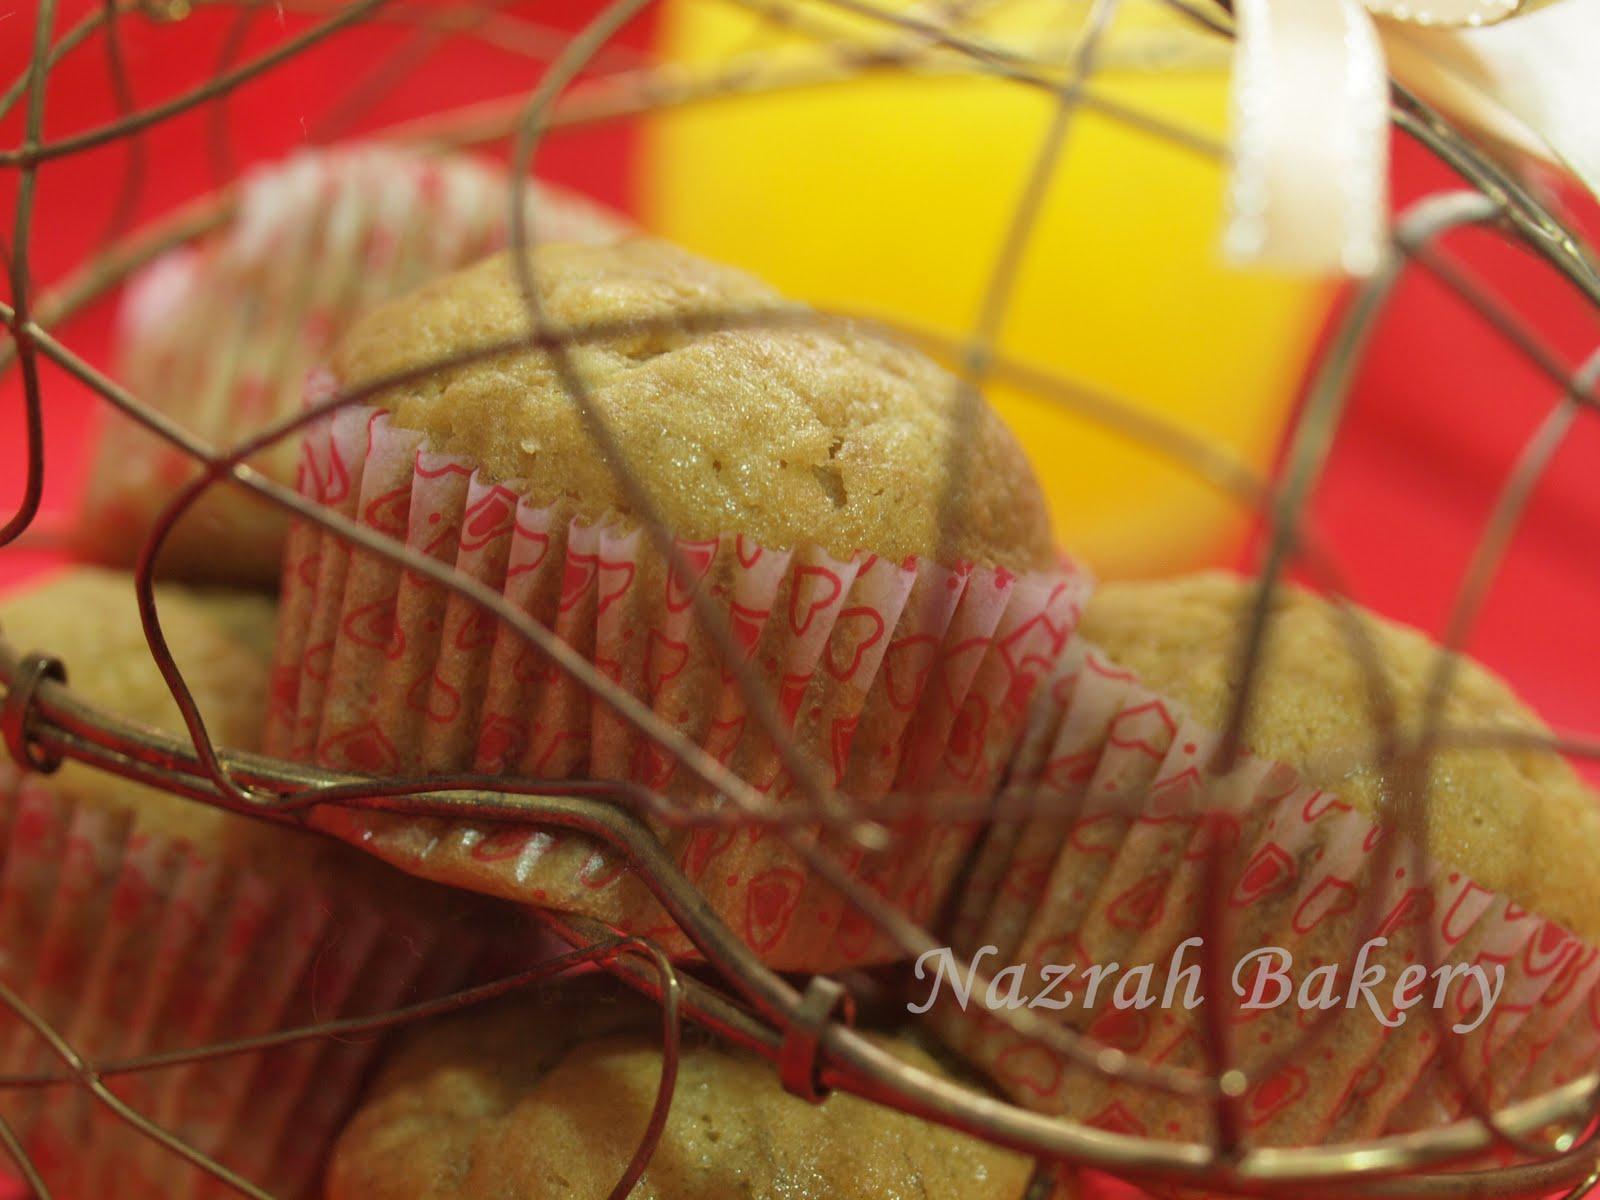 nazrah bakery april Resepi Apam Balik Tepung Naik Sendiri Enak dan Mudah